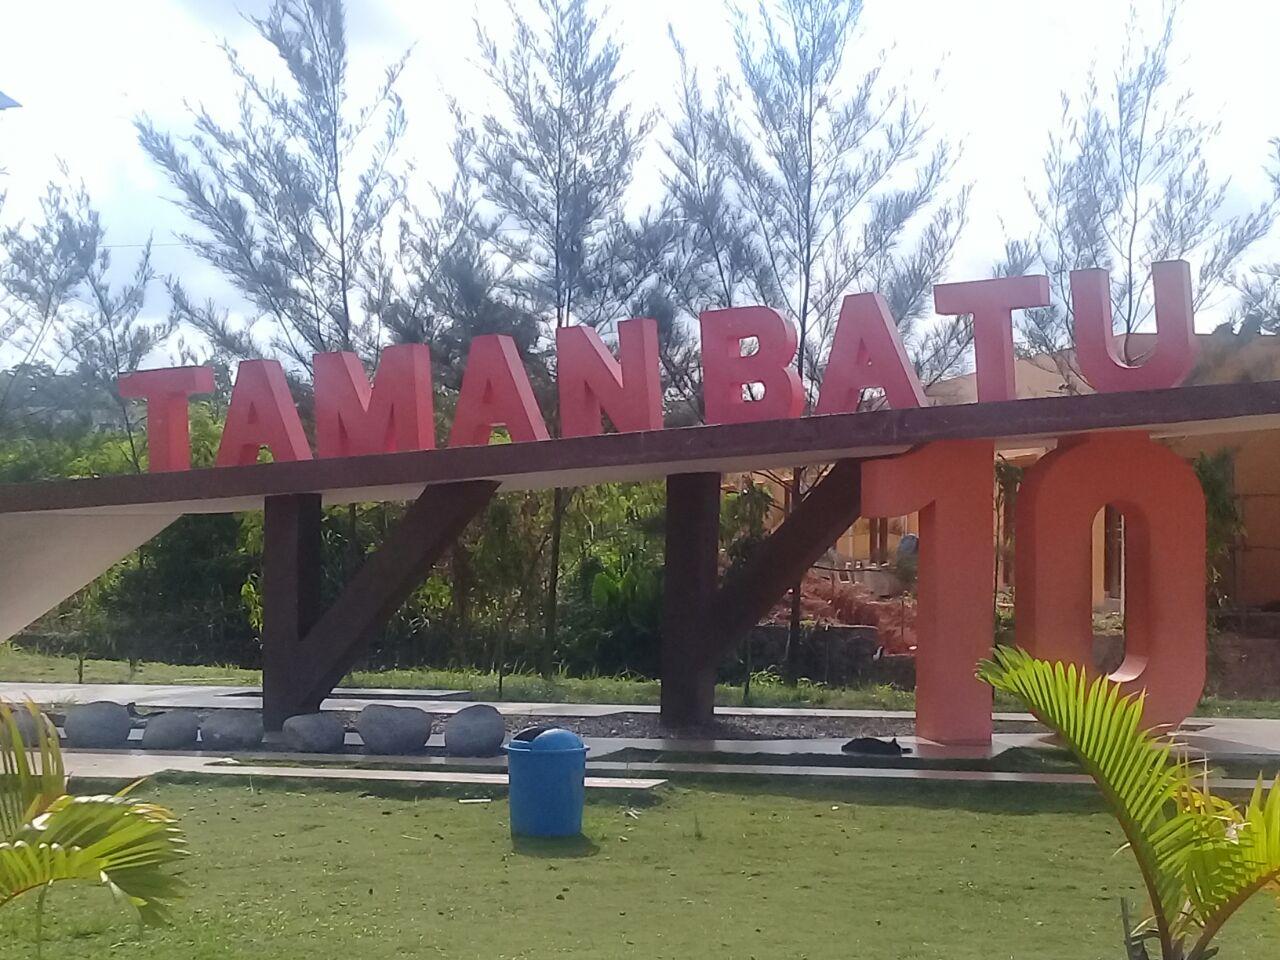 Pengunjung Mengeluh Taman Batu 10 Bintan Centre Tidak Memiliki Tanjungpinang